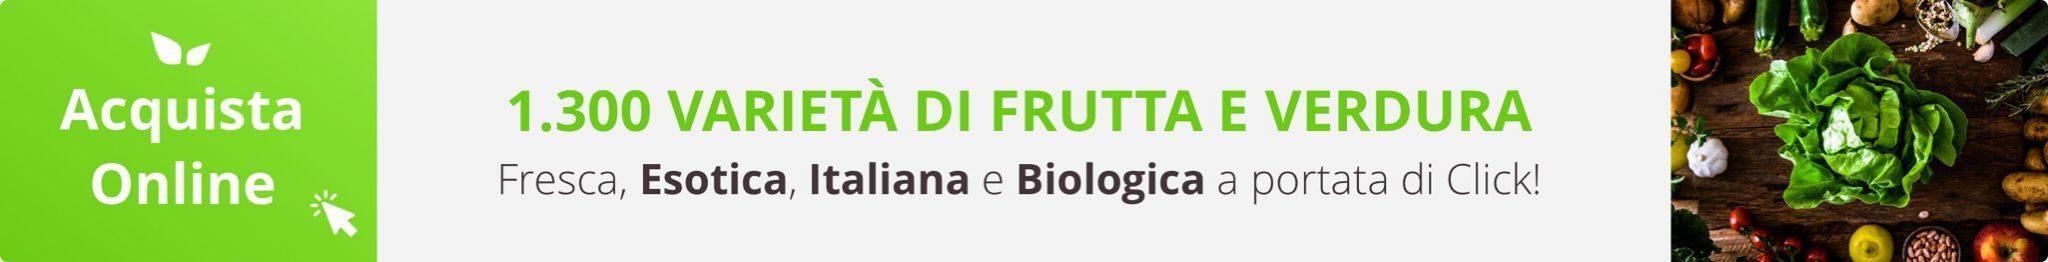 Acquista Online Frutta e Verdura con un Click su FruttaWeb.com